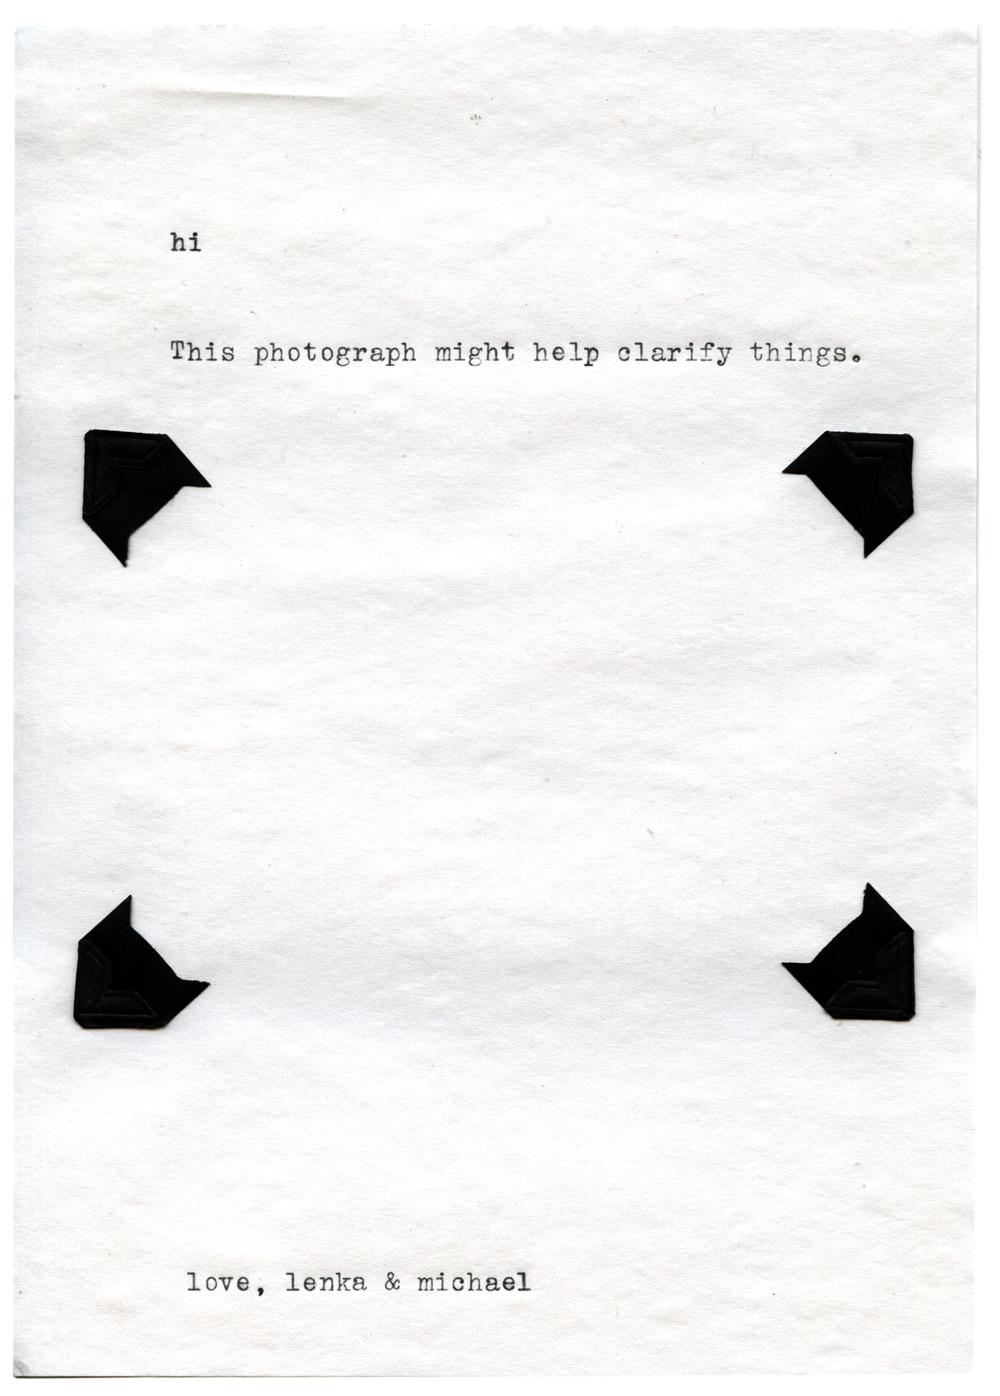 mysterious_letters_den014.jpg